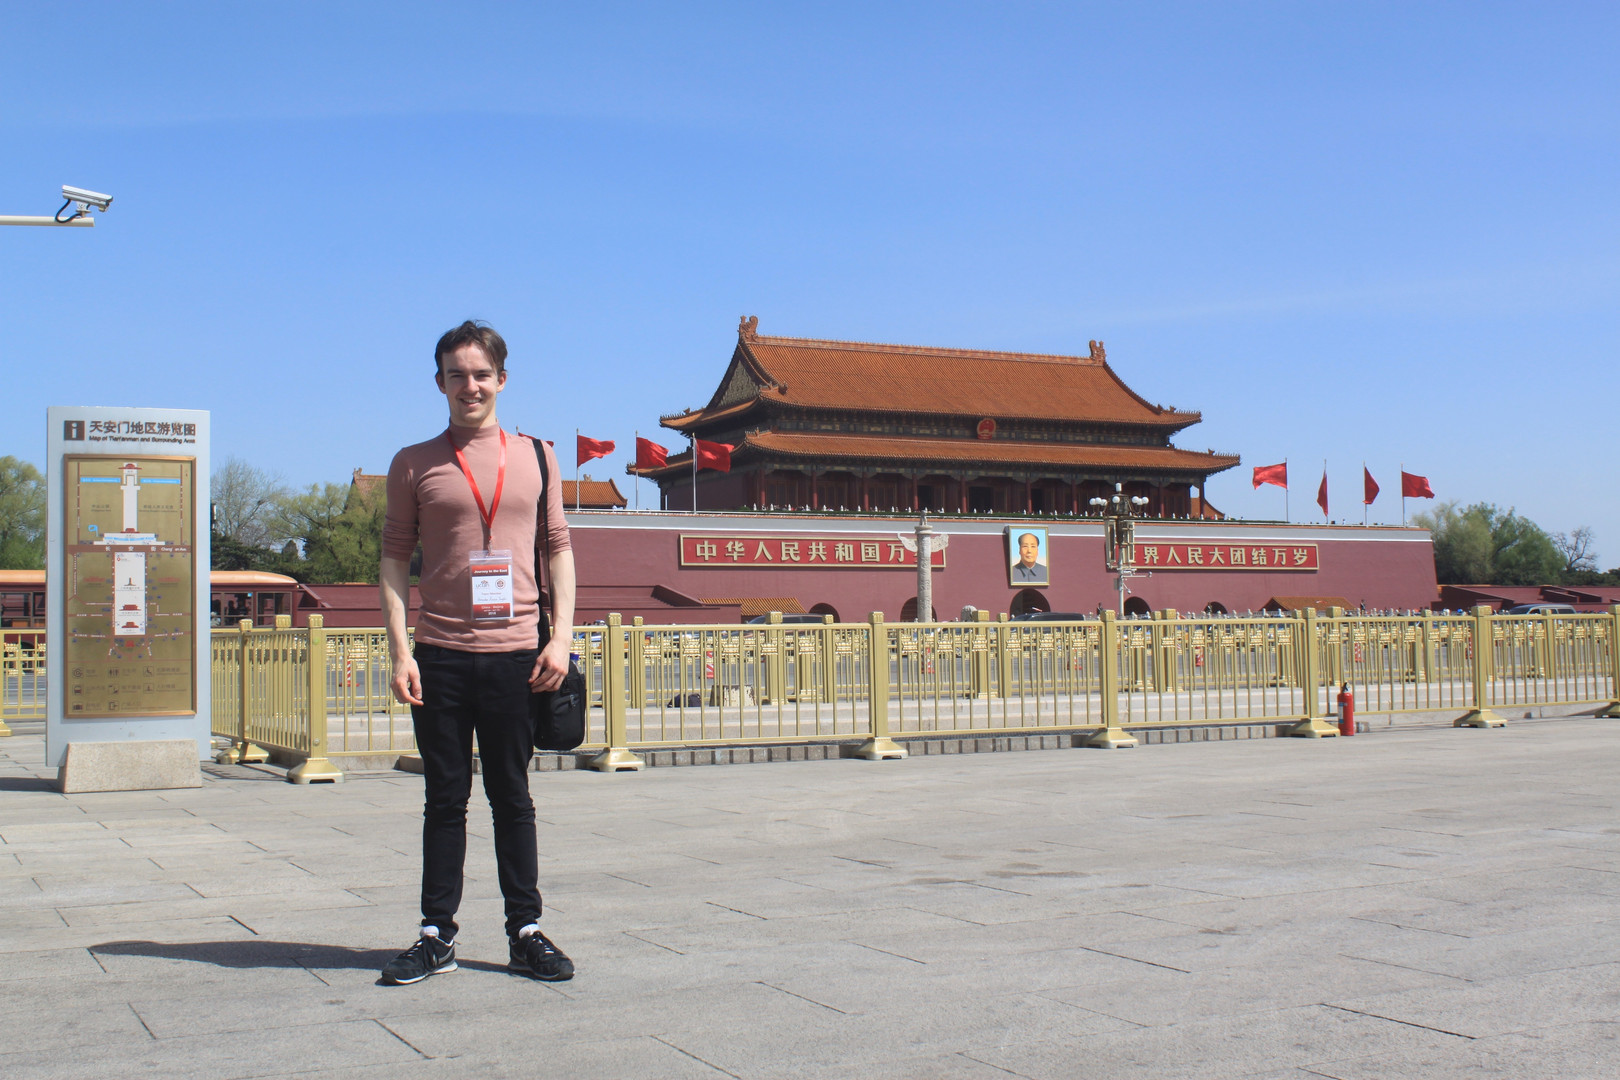 Cometan at Tiananmen Square